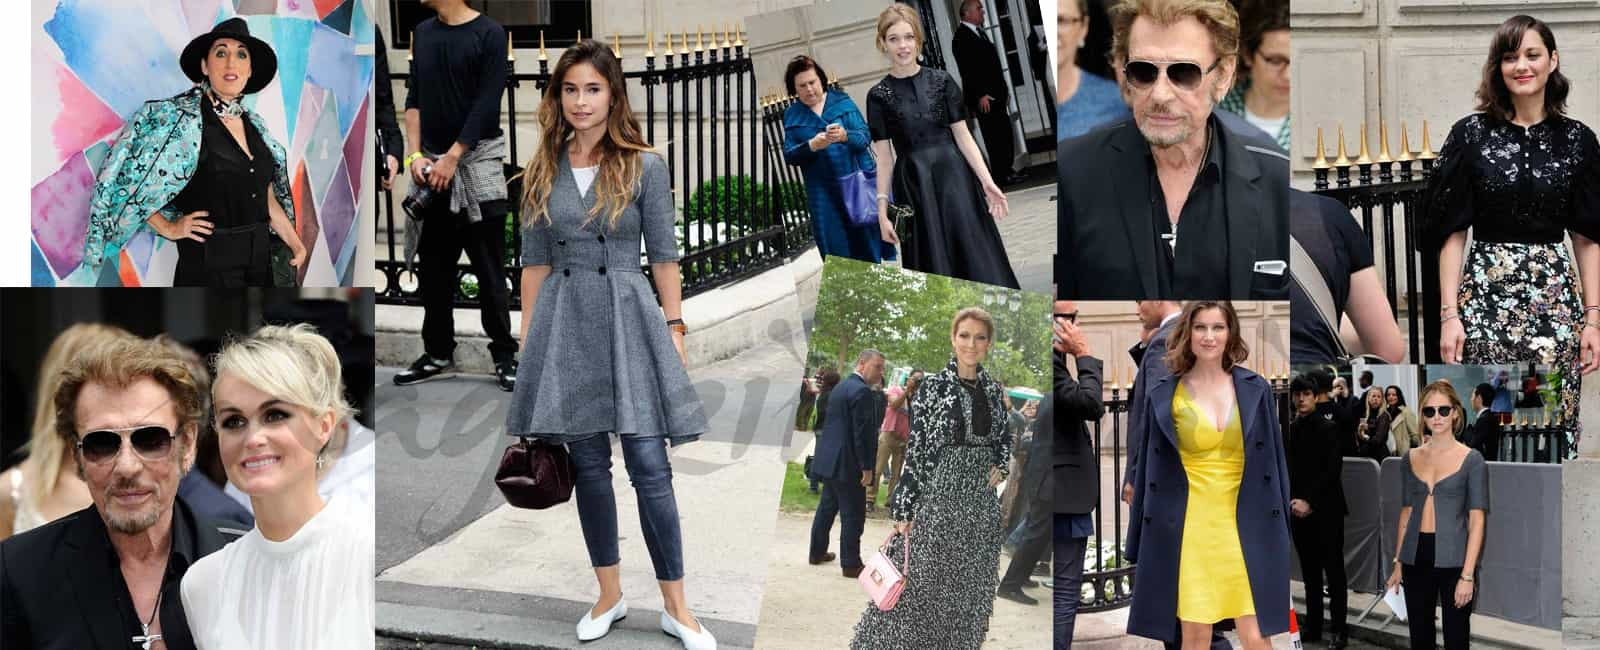 Famosos en el desfile de Dior, en París Fashion Week